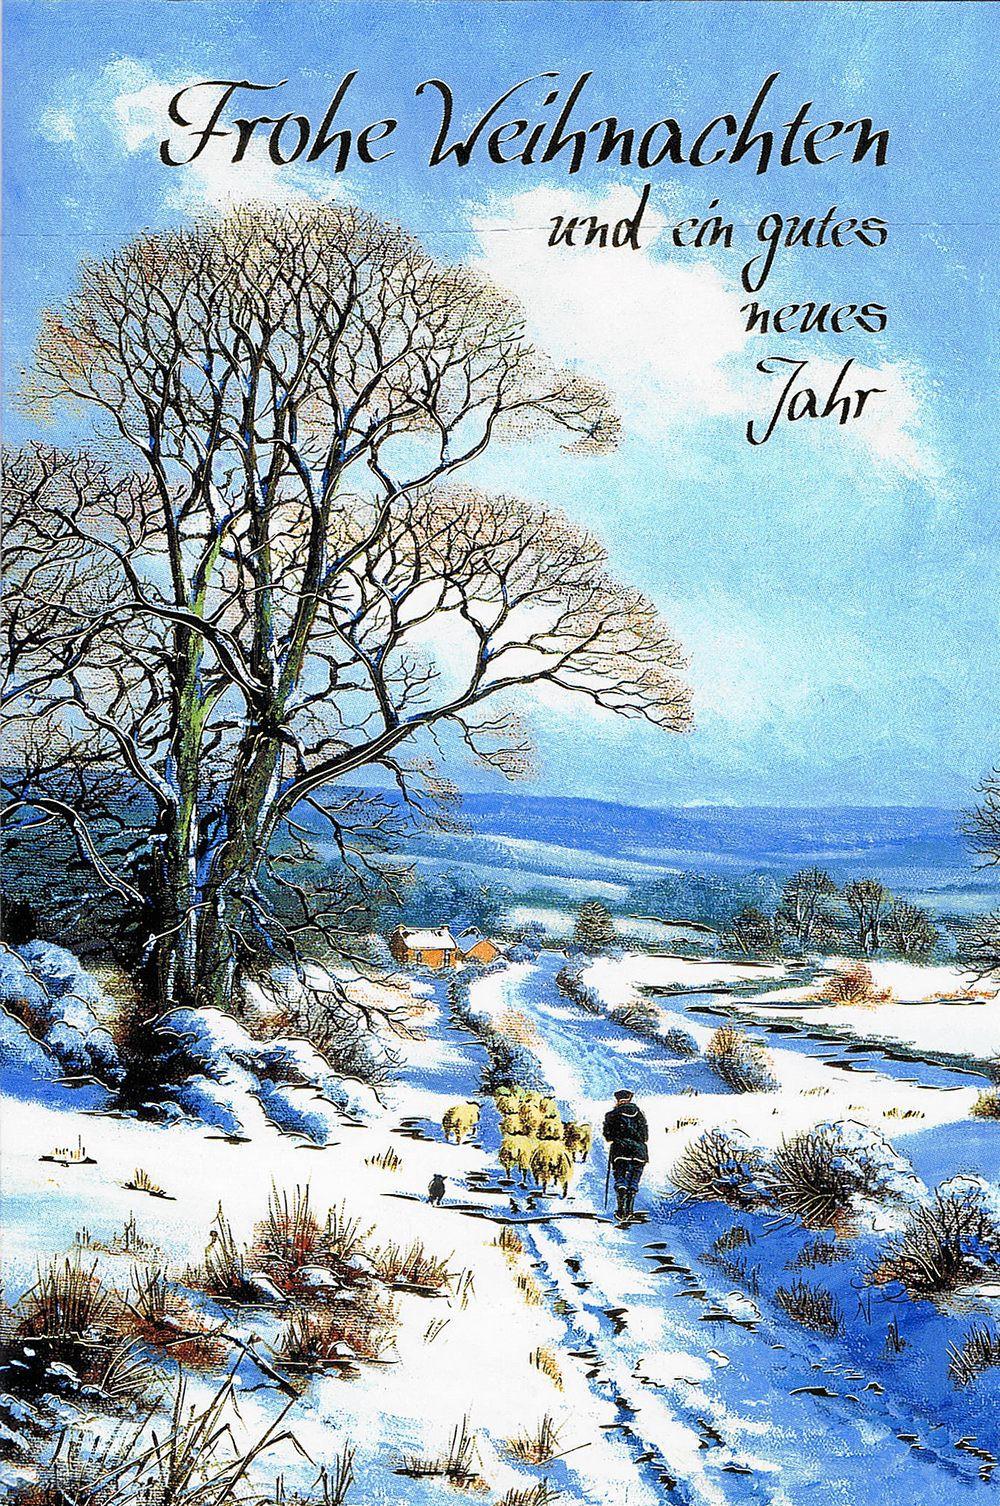 Weihnachtskarte mit idyllischen Weihnachtsbild 224300 Details in Goldfolienprägung